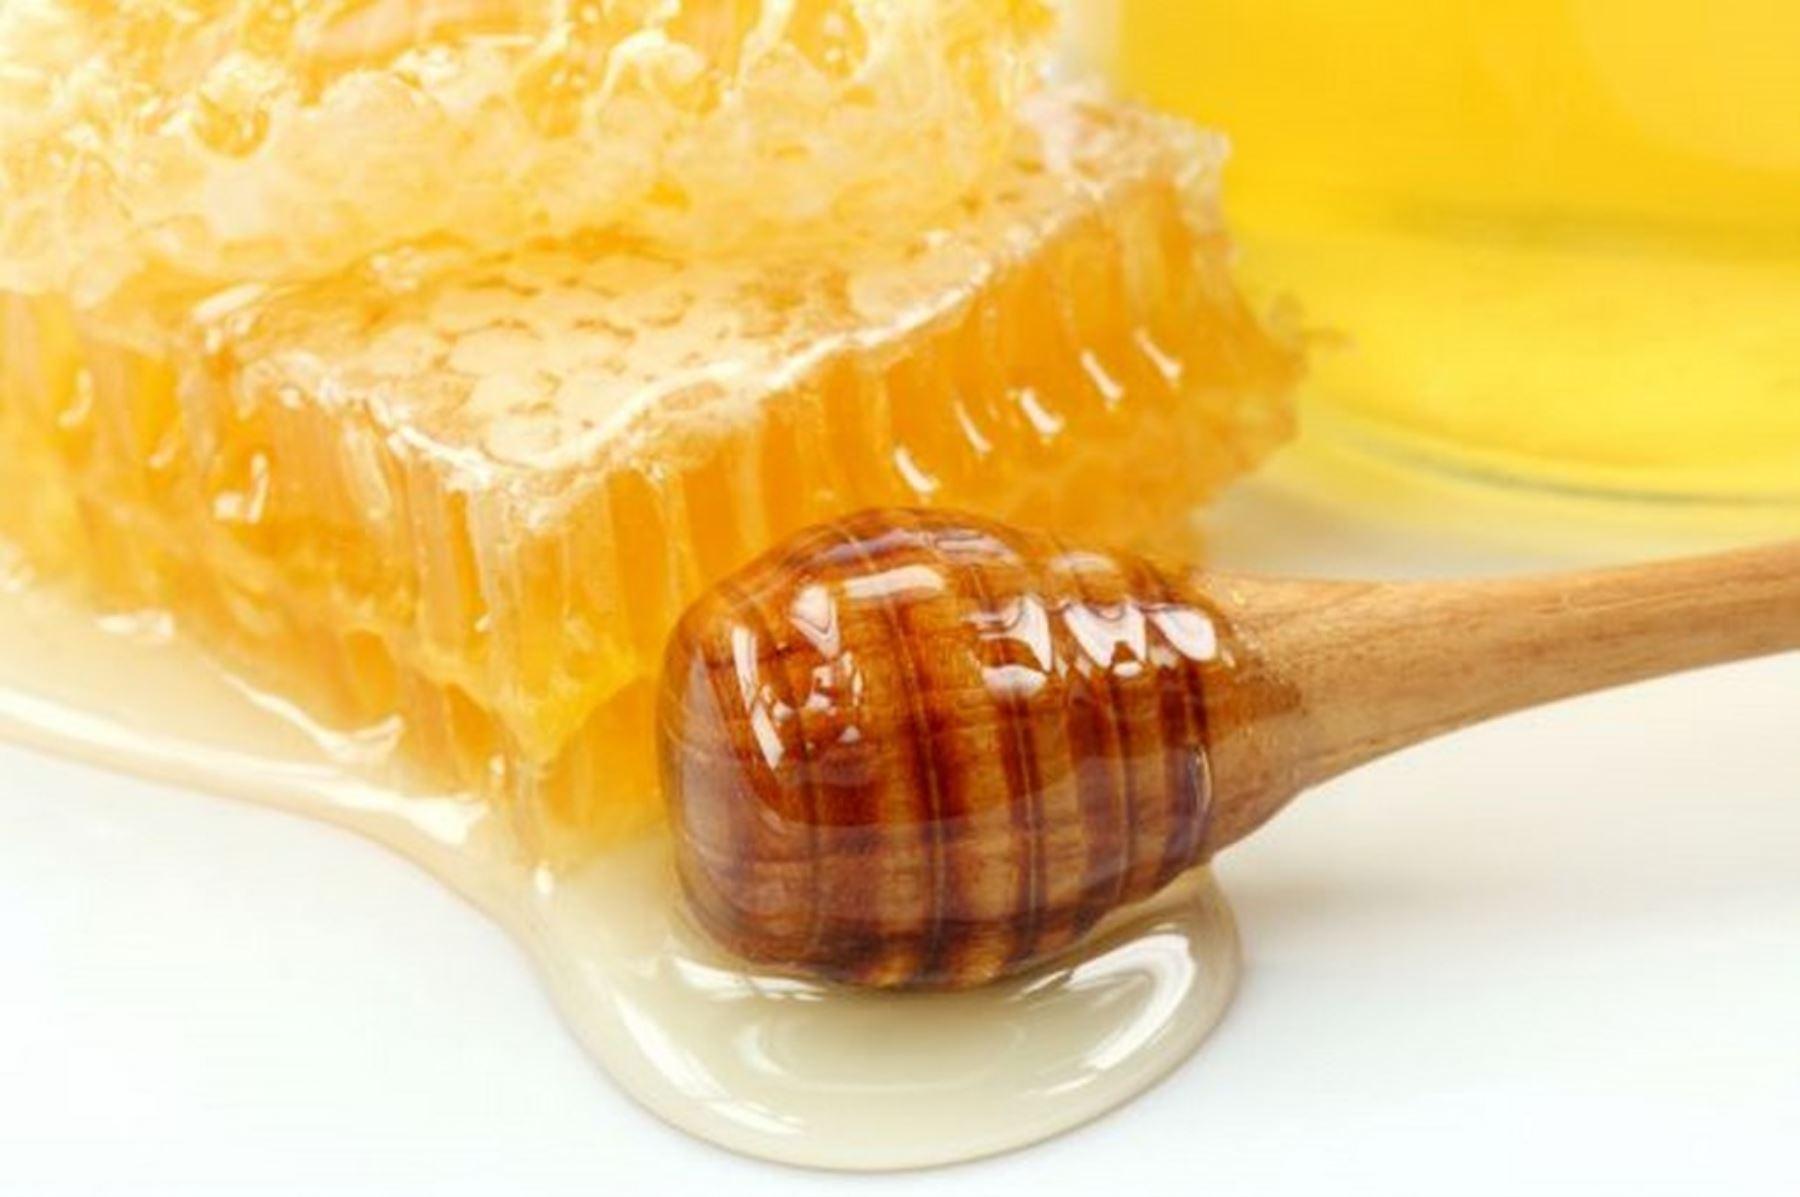 La miel de abeja es uno de los superalimentos más antiguos y consumidos desde los albores de la humanidad. Valorado no solo como un excelente endulzante natural, sino también por sus enormes propiedades nutritivas y medicinales. ANDINA/Difusión